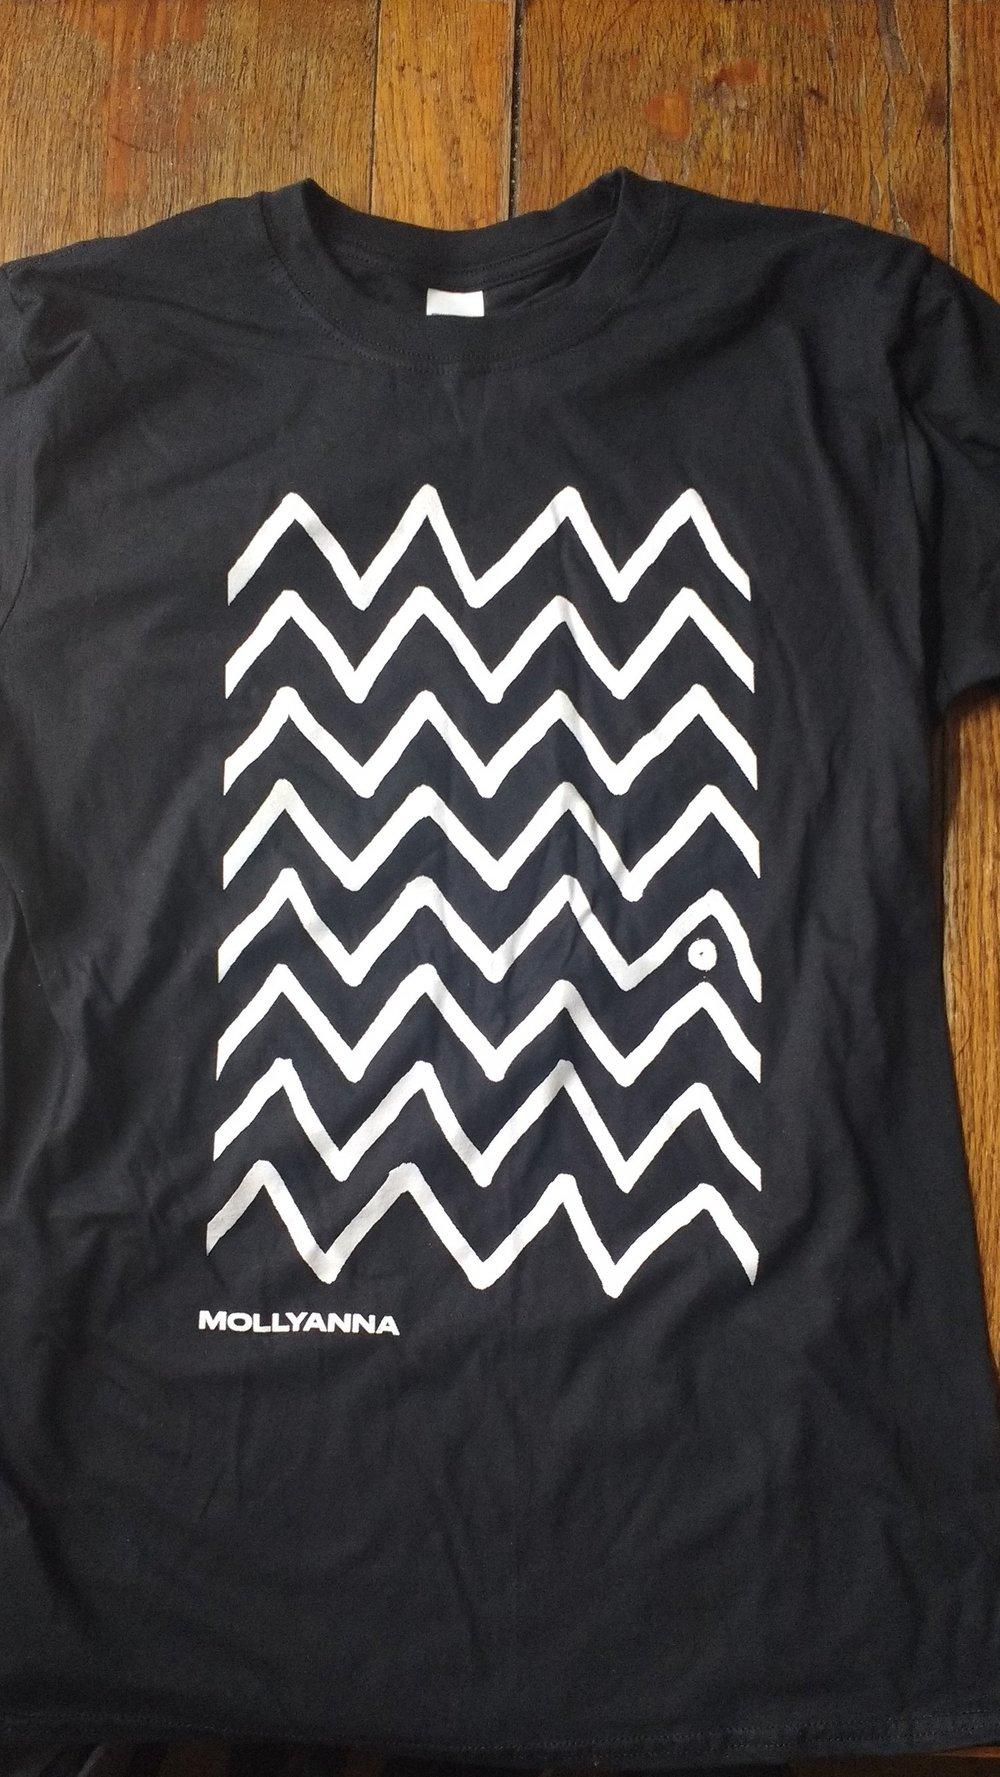 MOLLYANNA T Shirt